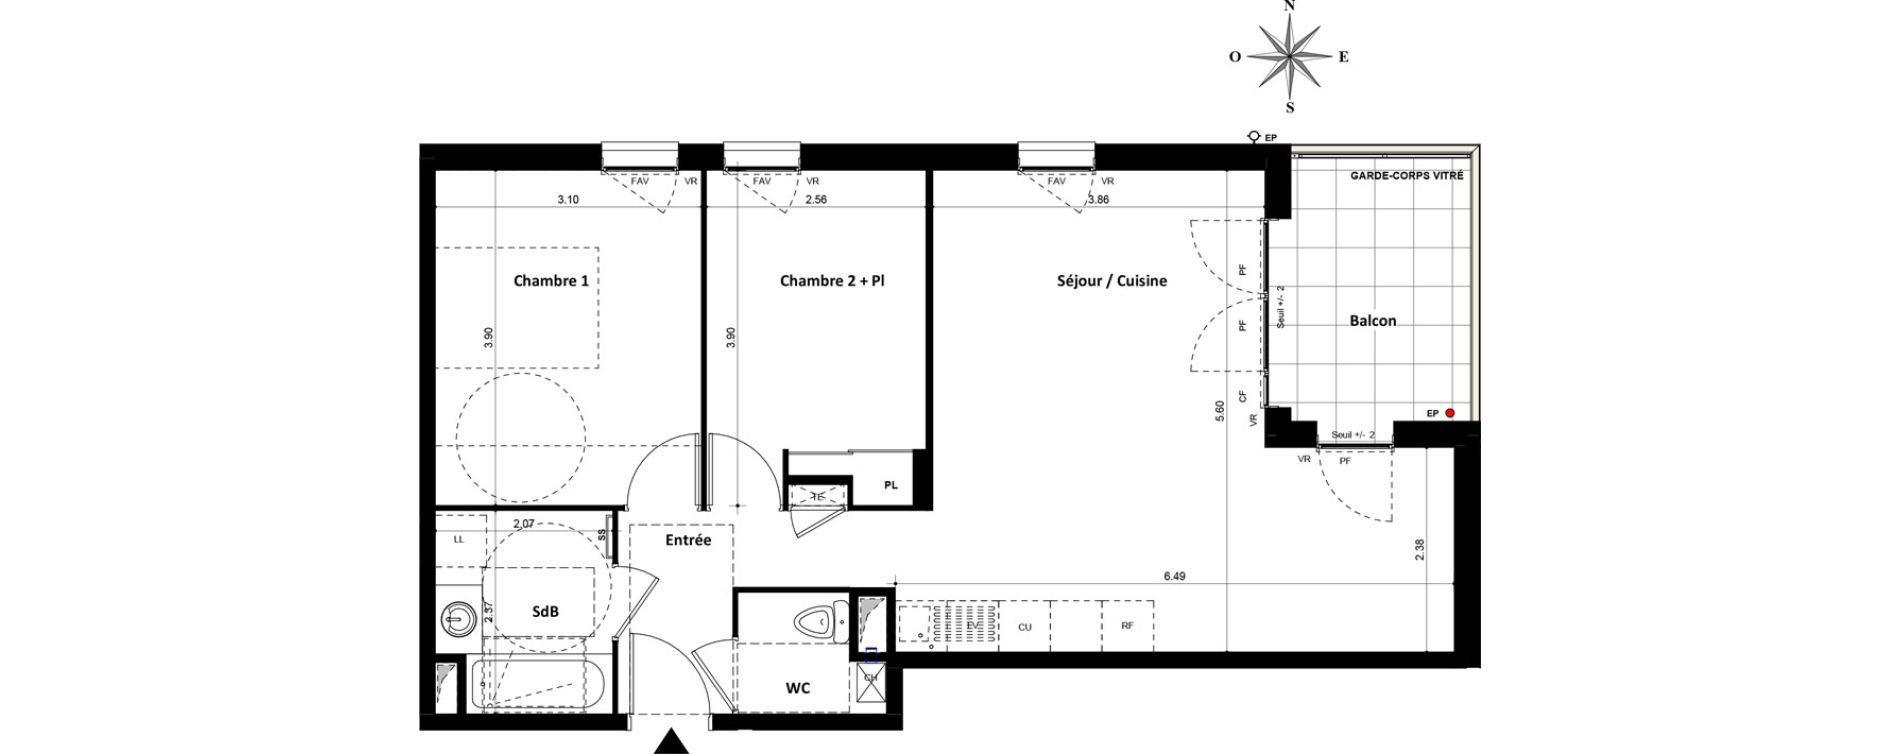 Appartement T3 de 60,92 m2 à Villeurbanne Gratte-ciel - dedieu - charmettes